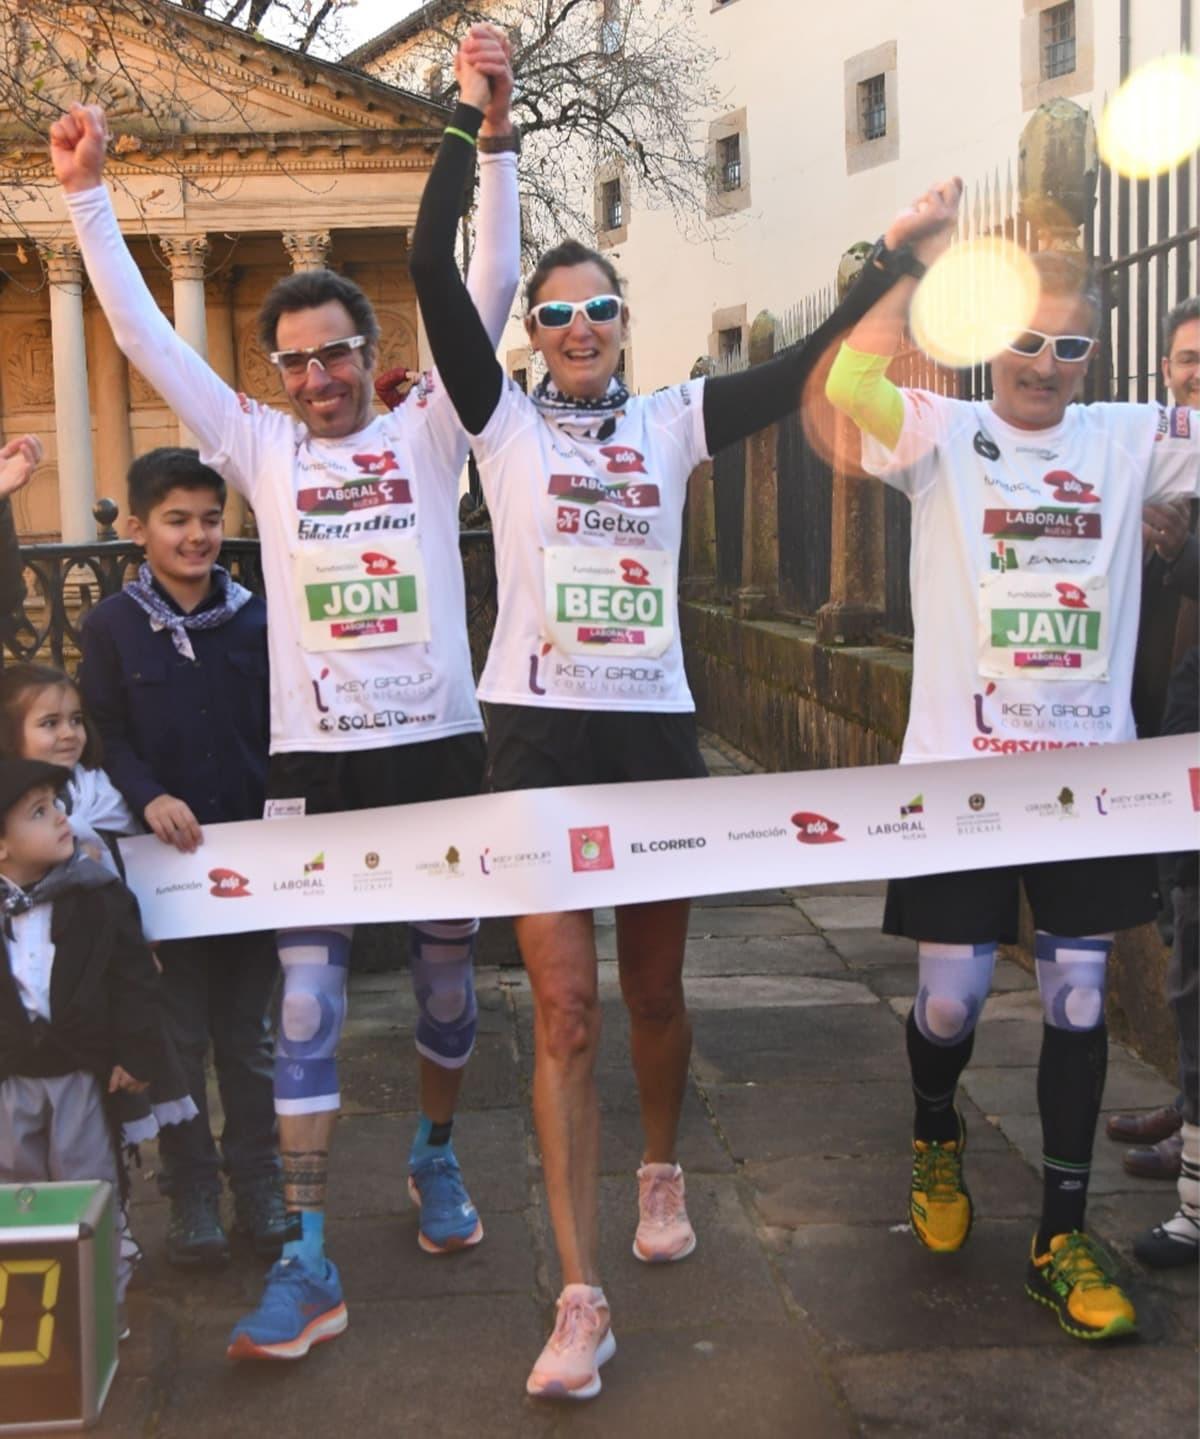 Maratones Solidarios, balance positivo en Gernika - foto 4